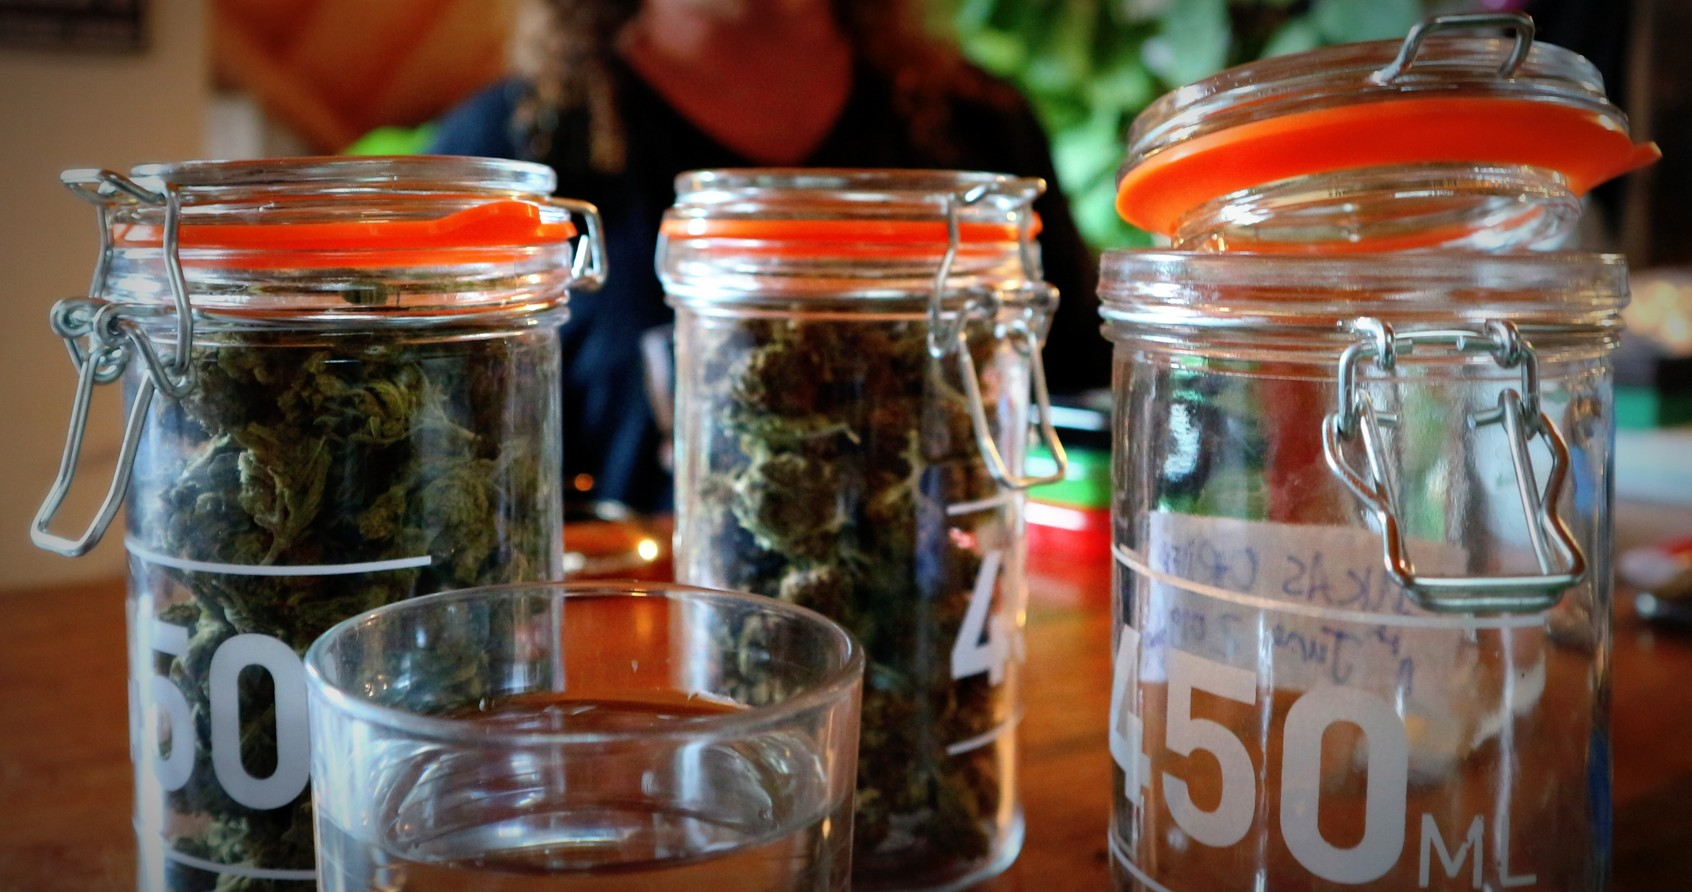 CBD rich cannabis in jars.